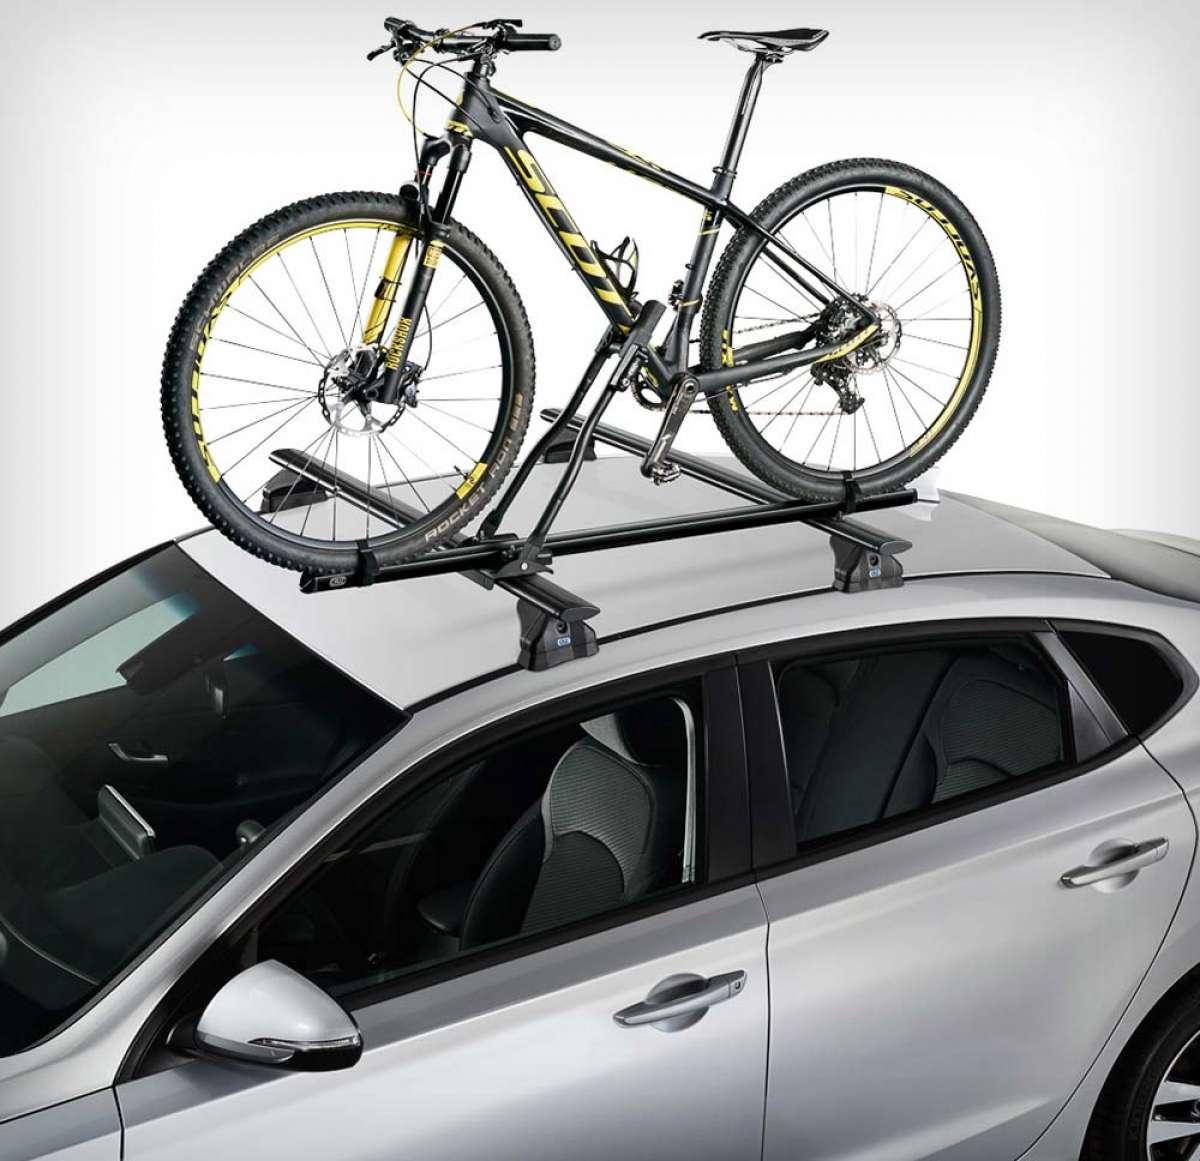 Más opciones para llevar la bici en el techo del coche: portabicicletas Cruz Race Dark y portarruedas Cruz Roof Wheel